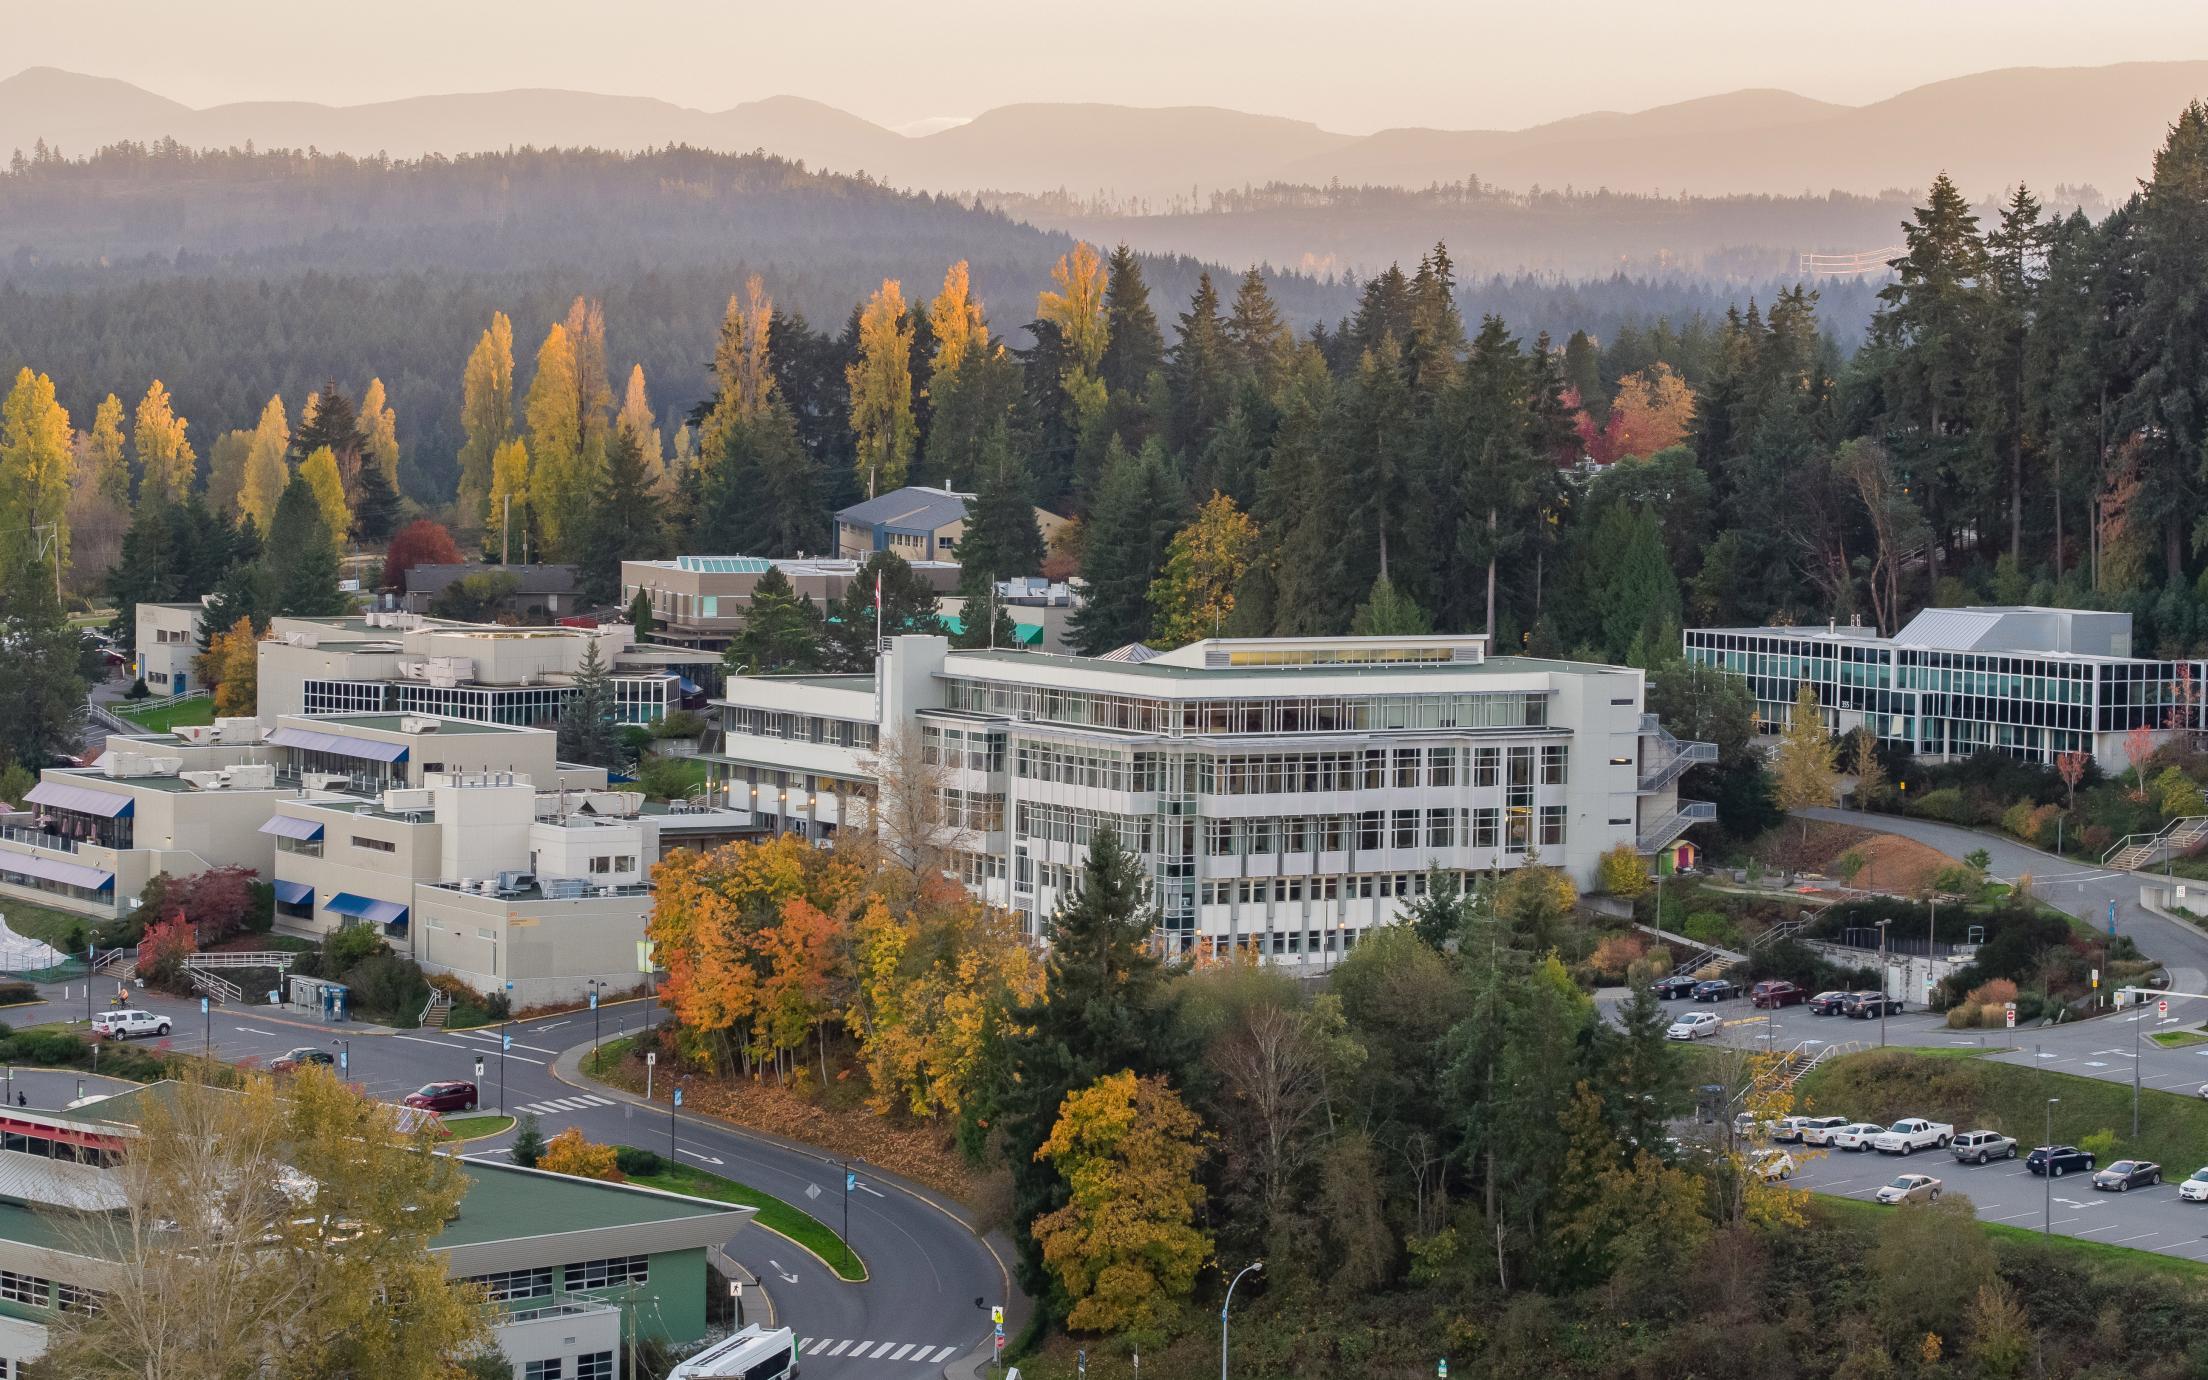 Nanaimo Campus